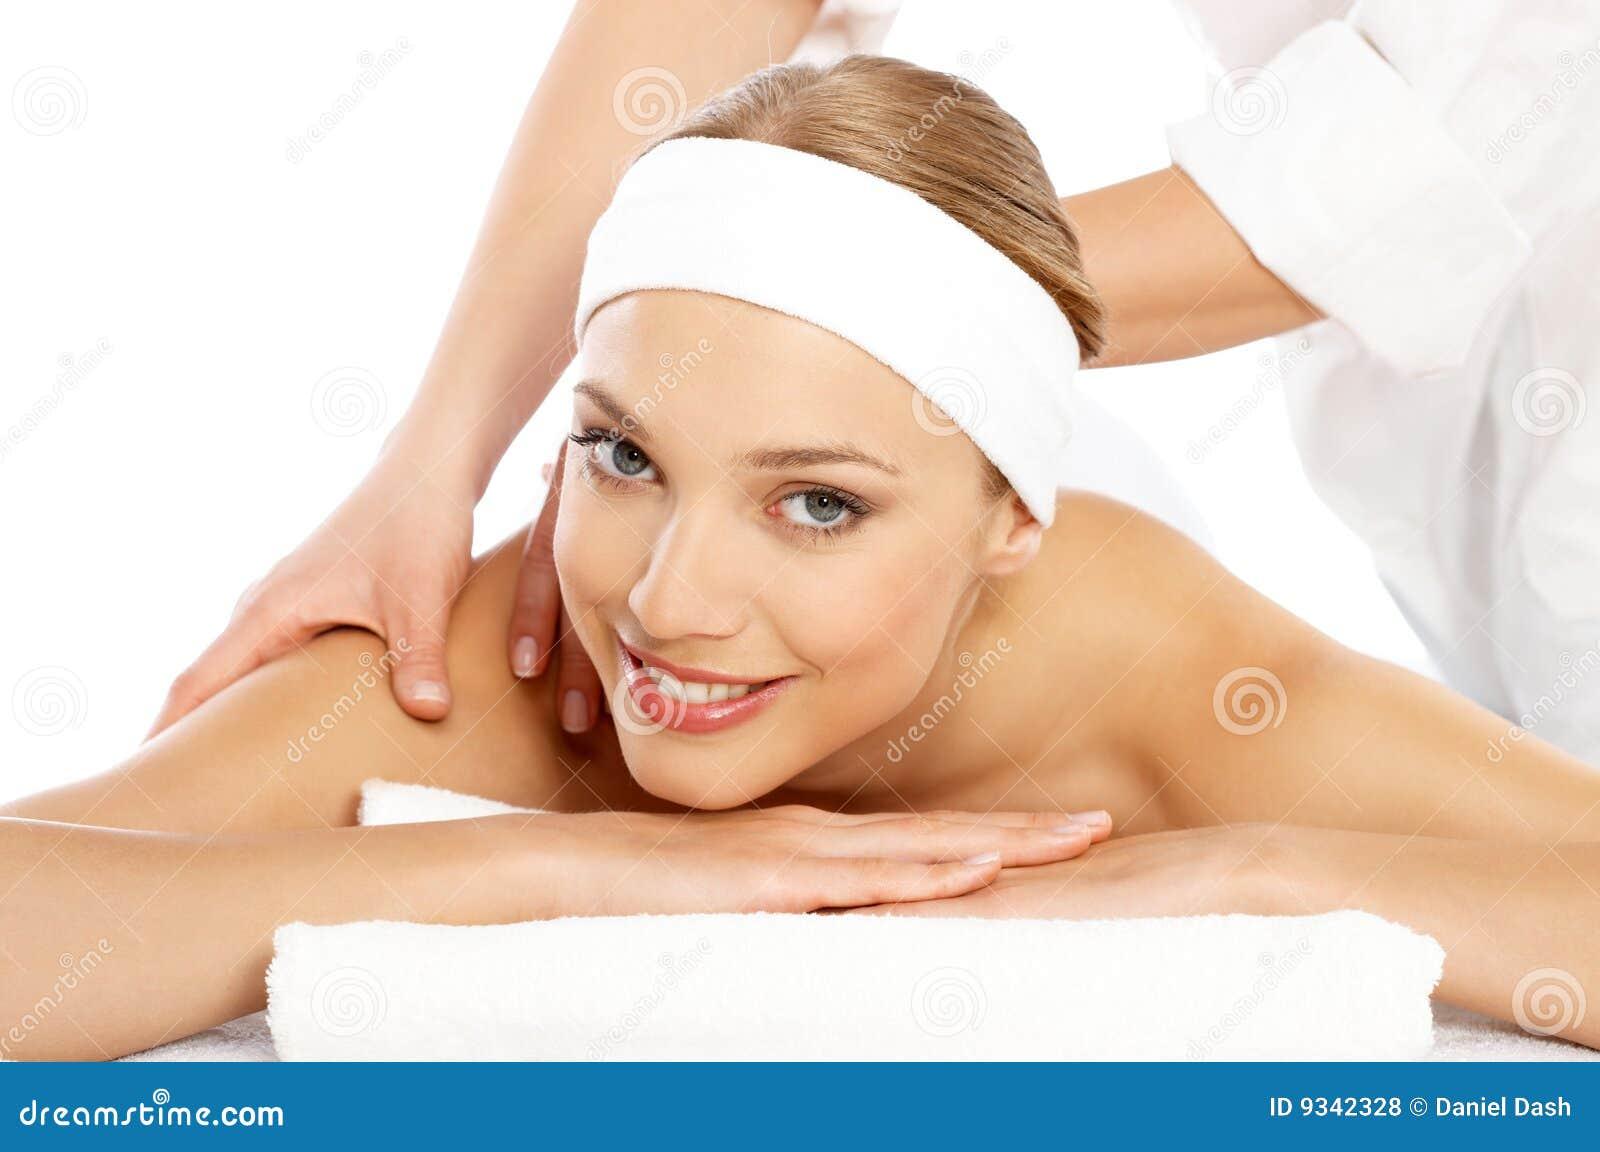 Урологический массаж в ростове на дону 22 фотография